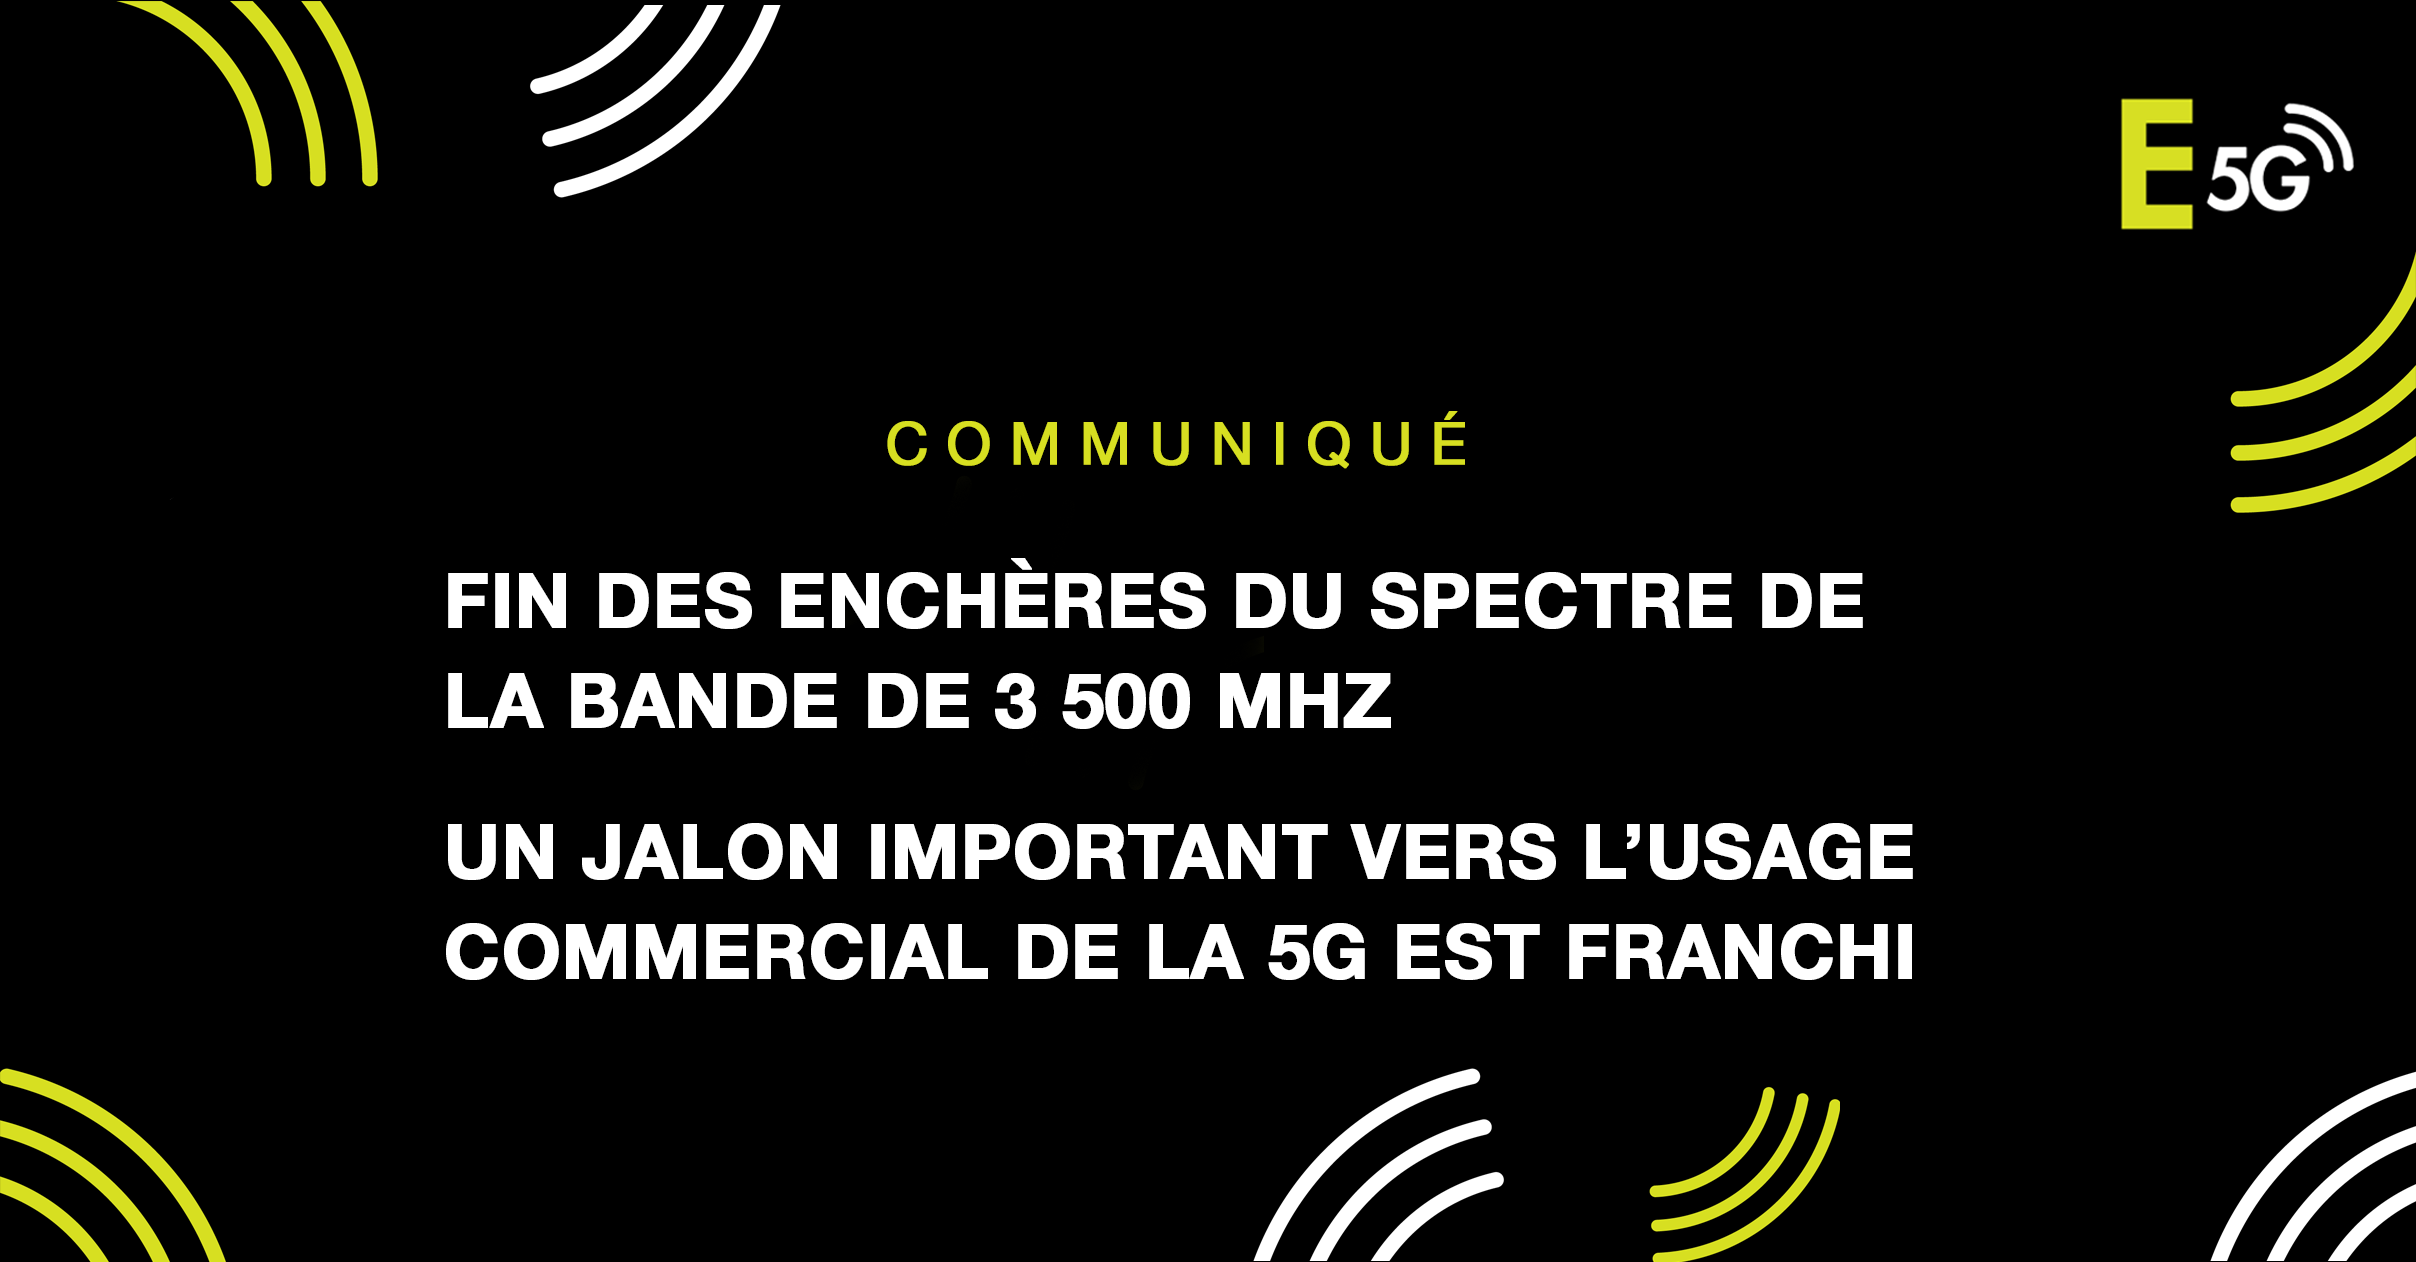 FIN DES ENCHÈRES DU SPECTRE DE LA BANDE DE 3 500 MHZ UN JALON IMPORTANT VERS L'USAGE COMMERCIAL DE LA 5G EST FRANCHI